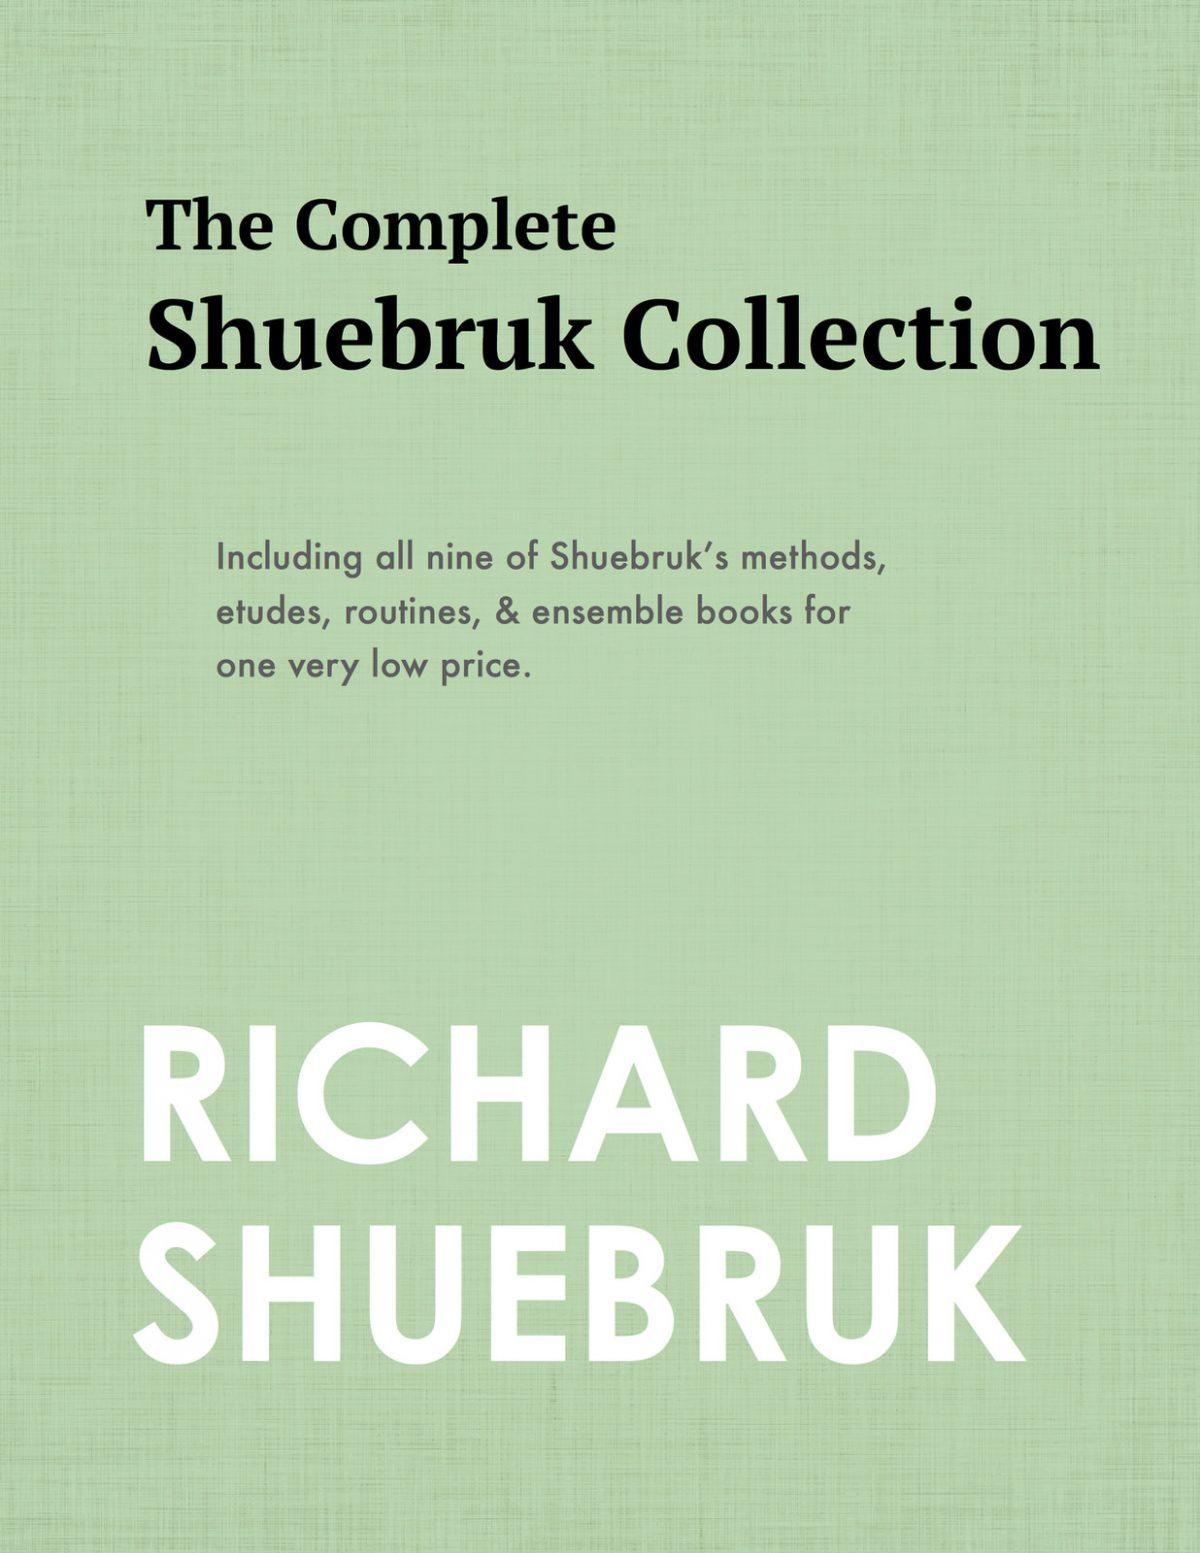 Complete Shuebruk